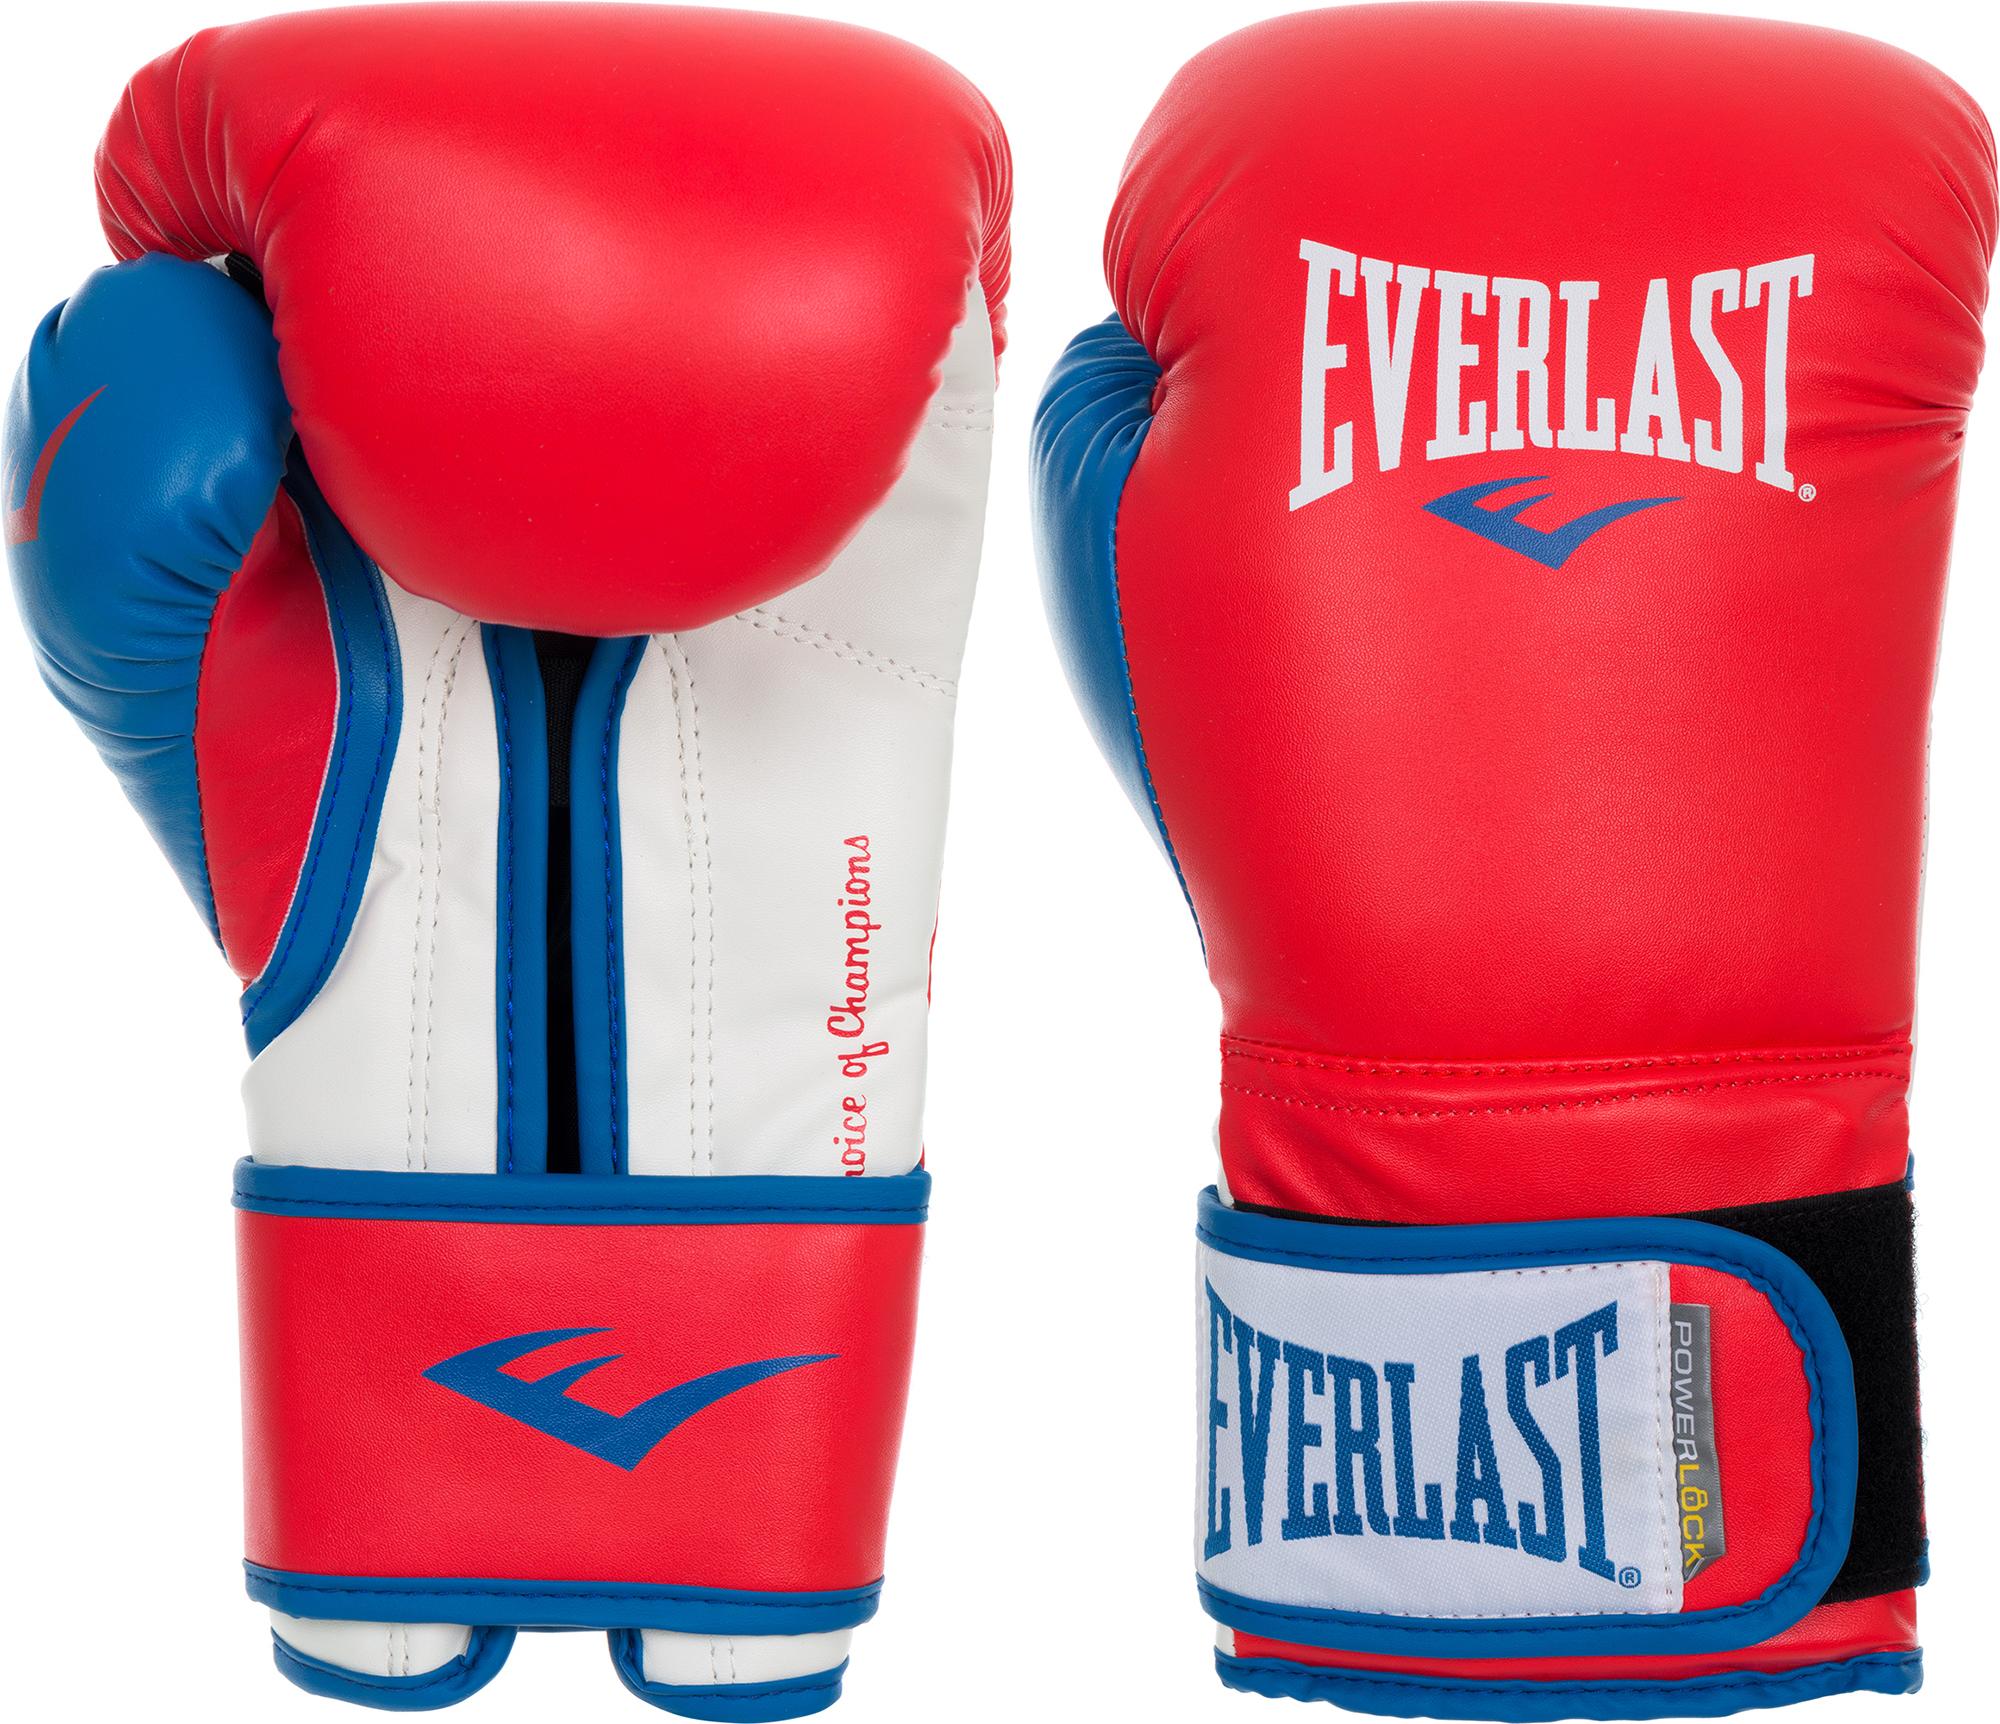 Everlast Перчатки боксерские Everlast Powerlock лапы everlast боксерские лапы vinyl mantis